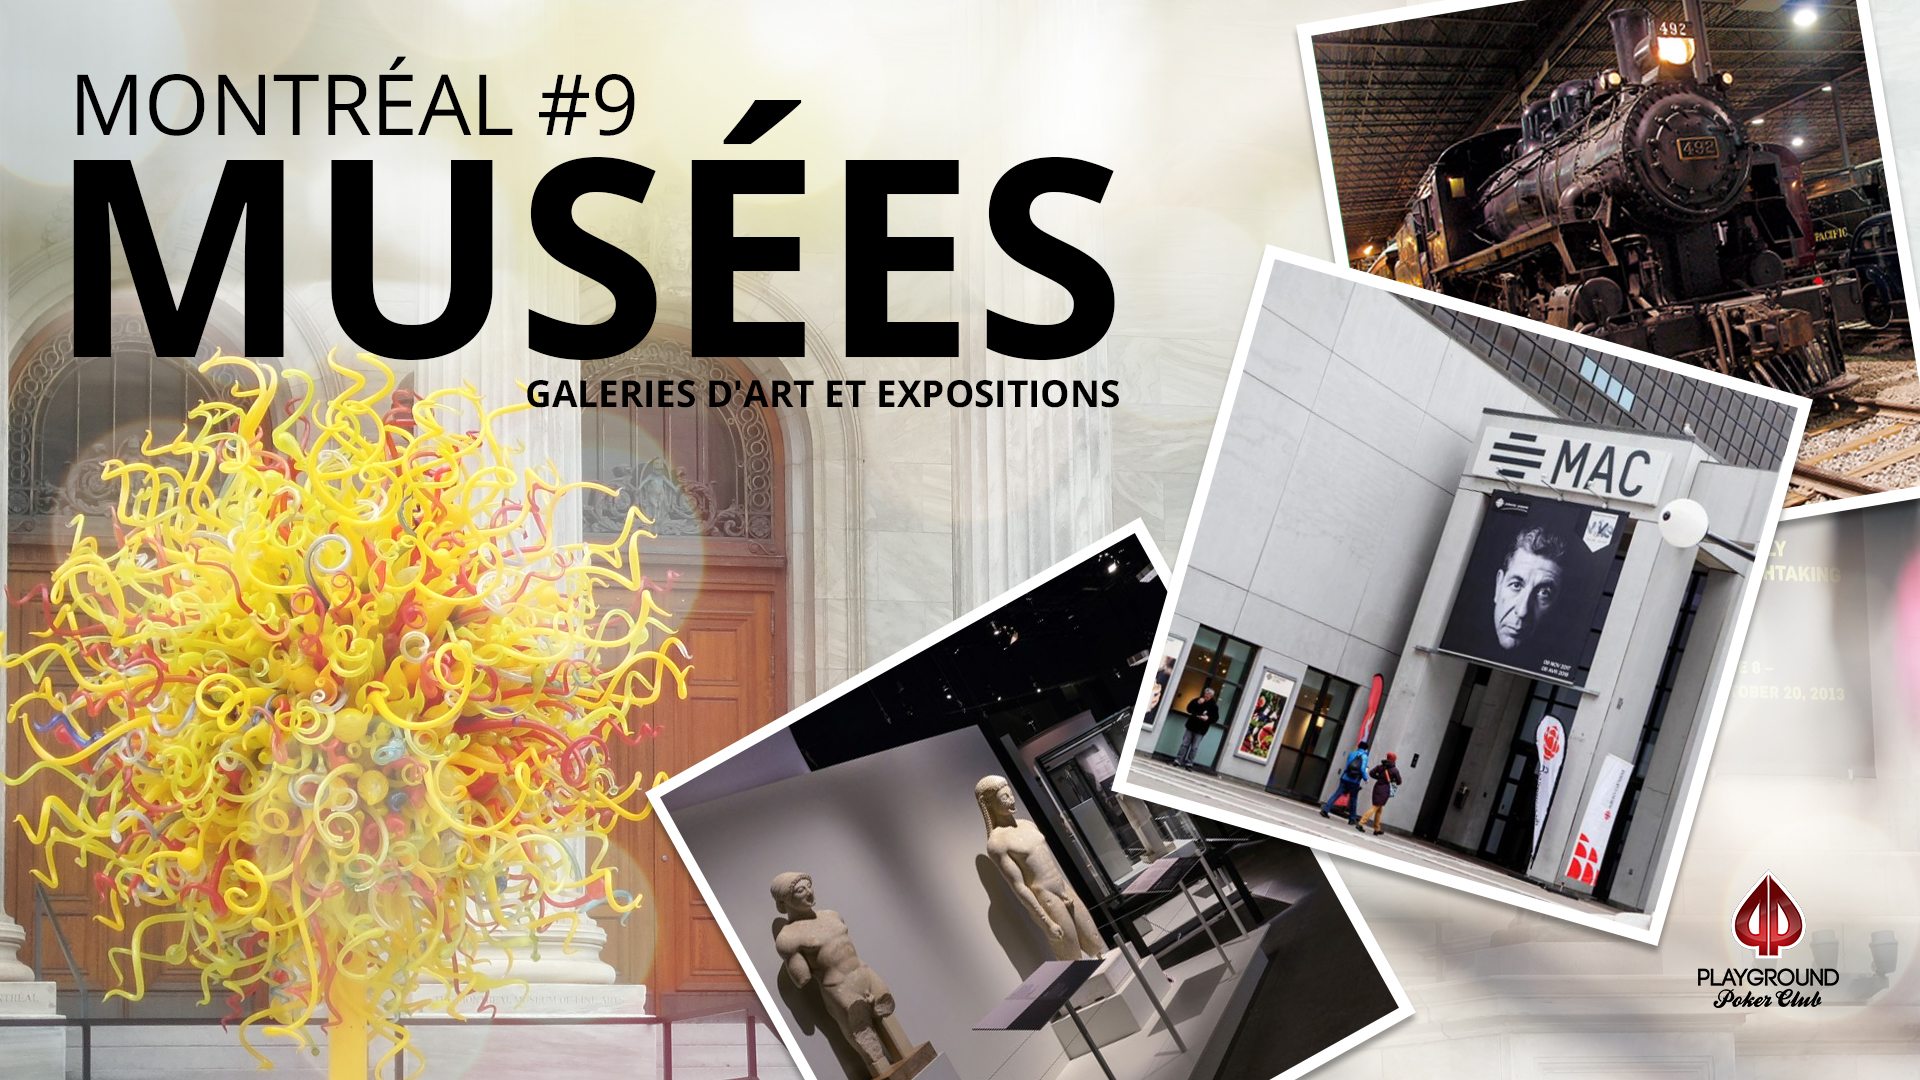 En 9ème place sur notre top 10: Musées, galleries d'art et expositions